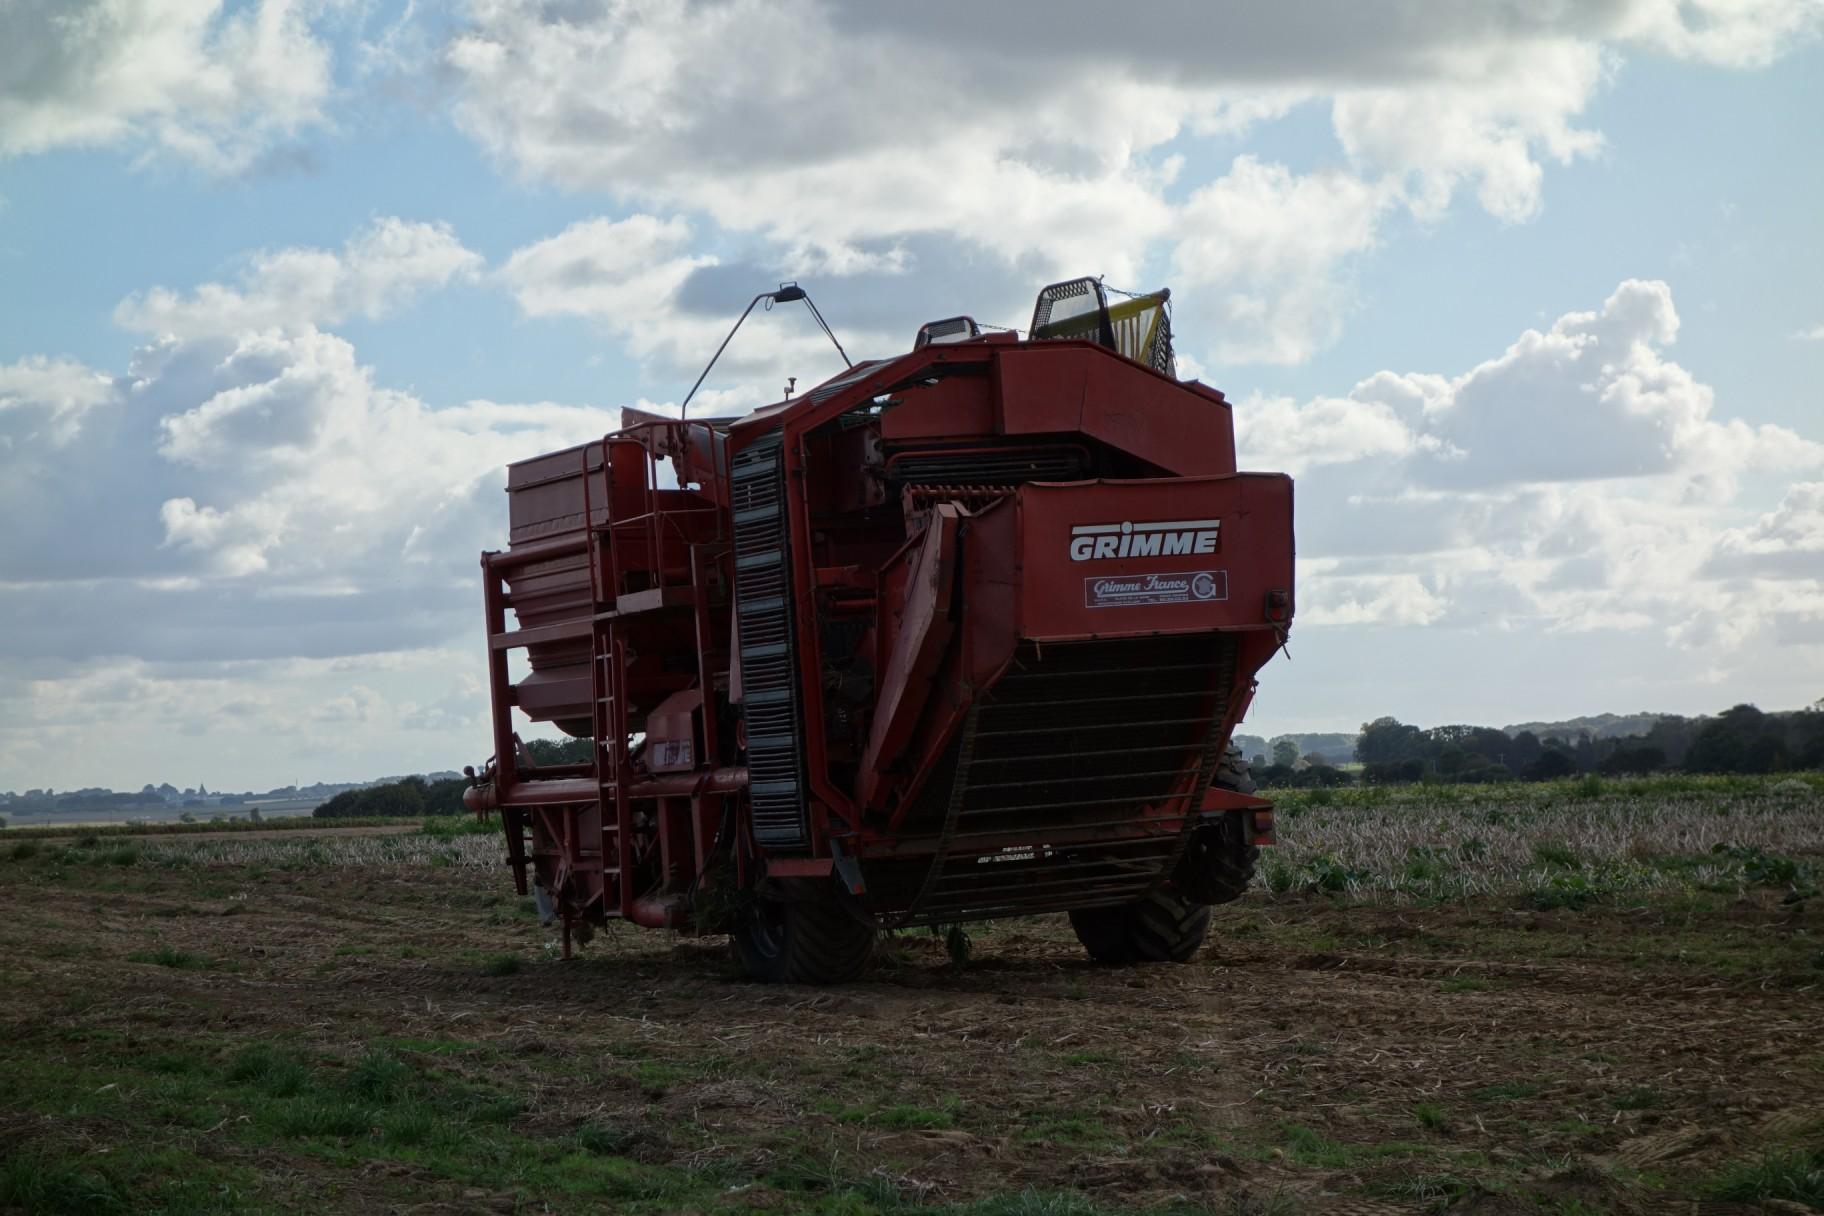 Potato harvester(?) in Normandy